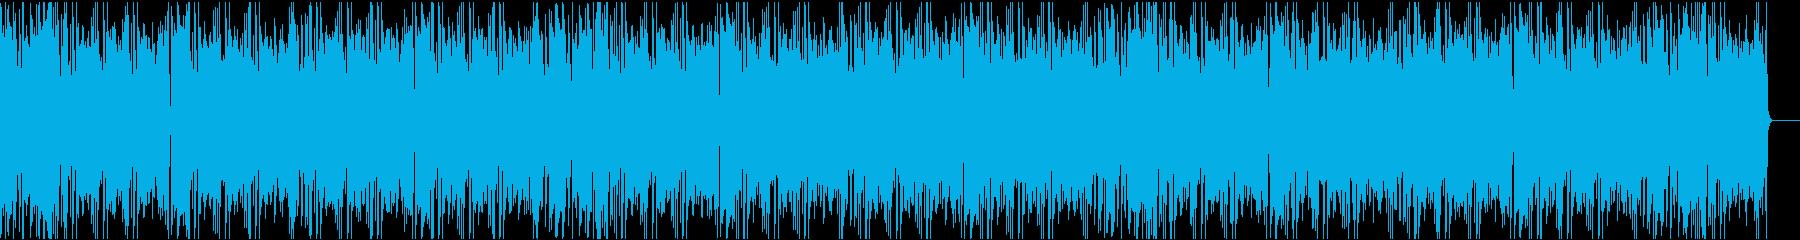 かわいいコミカル/カラオケ/イントロ8秒の再生済みの波形